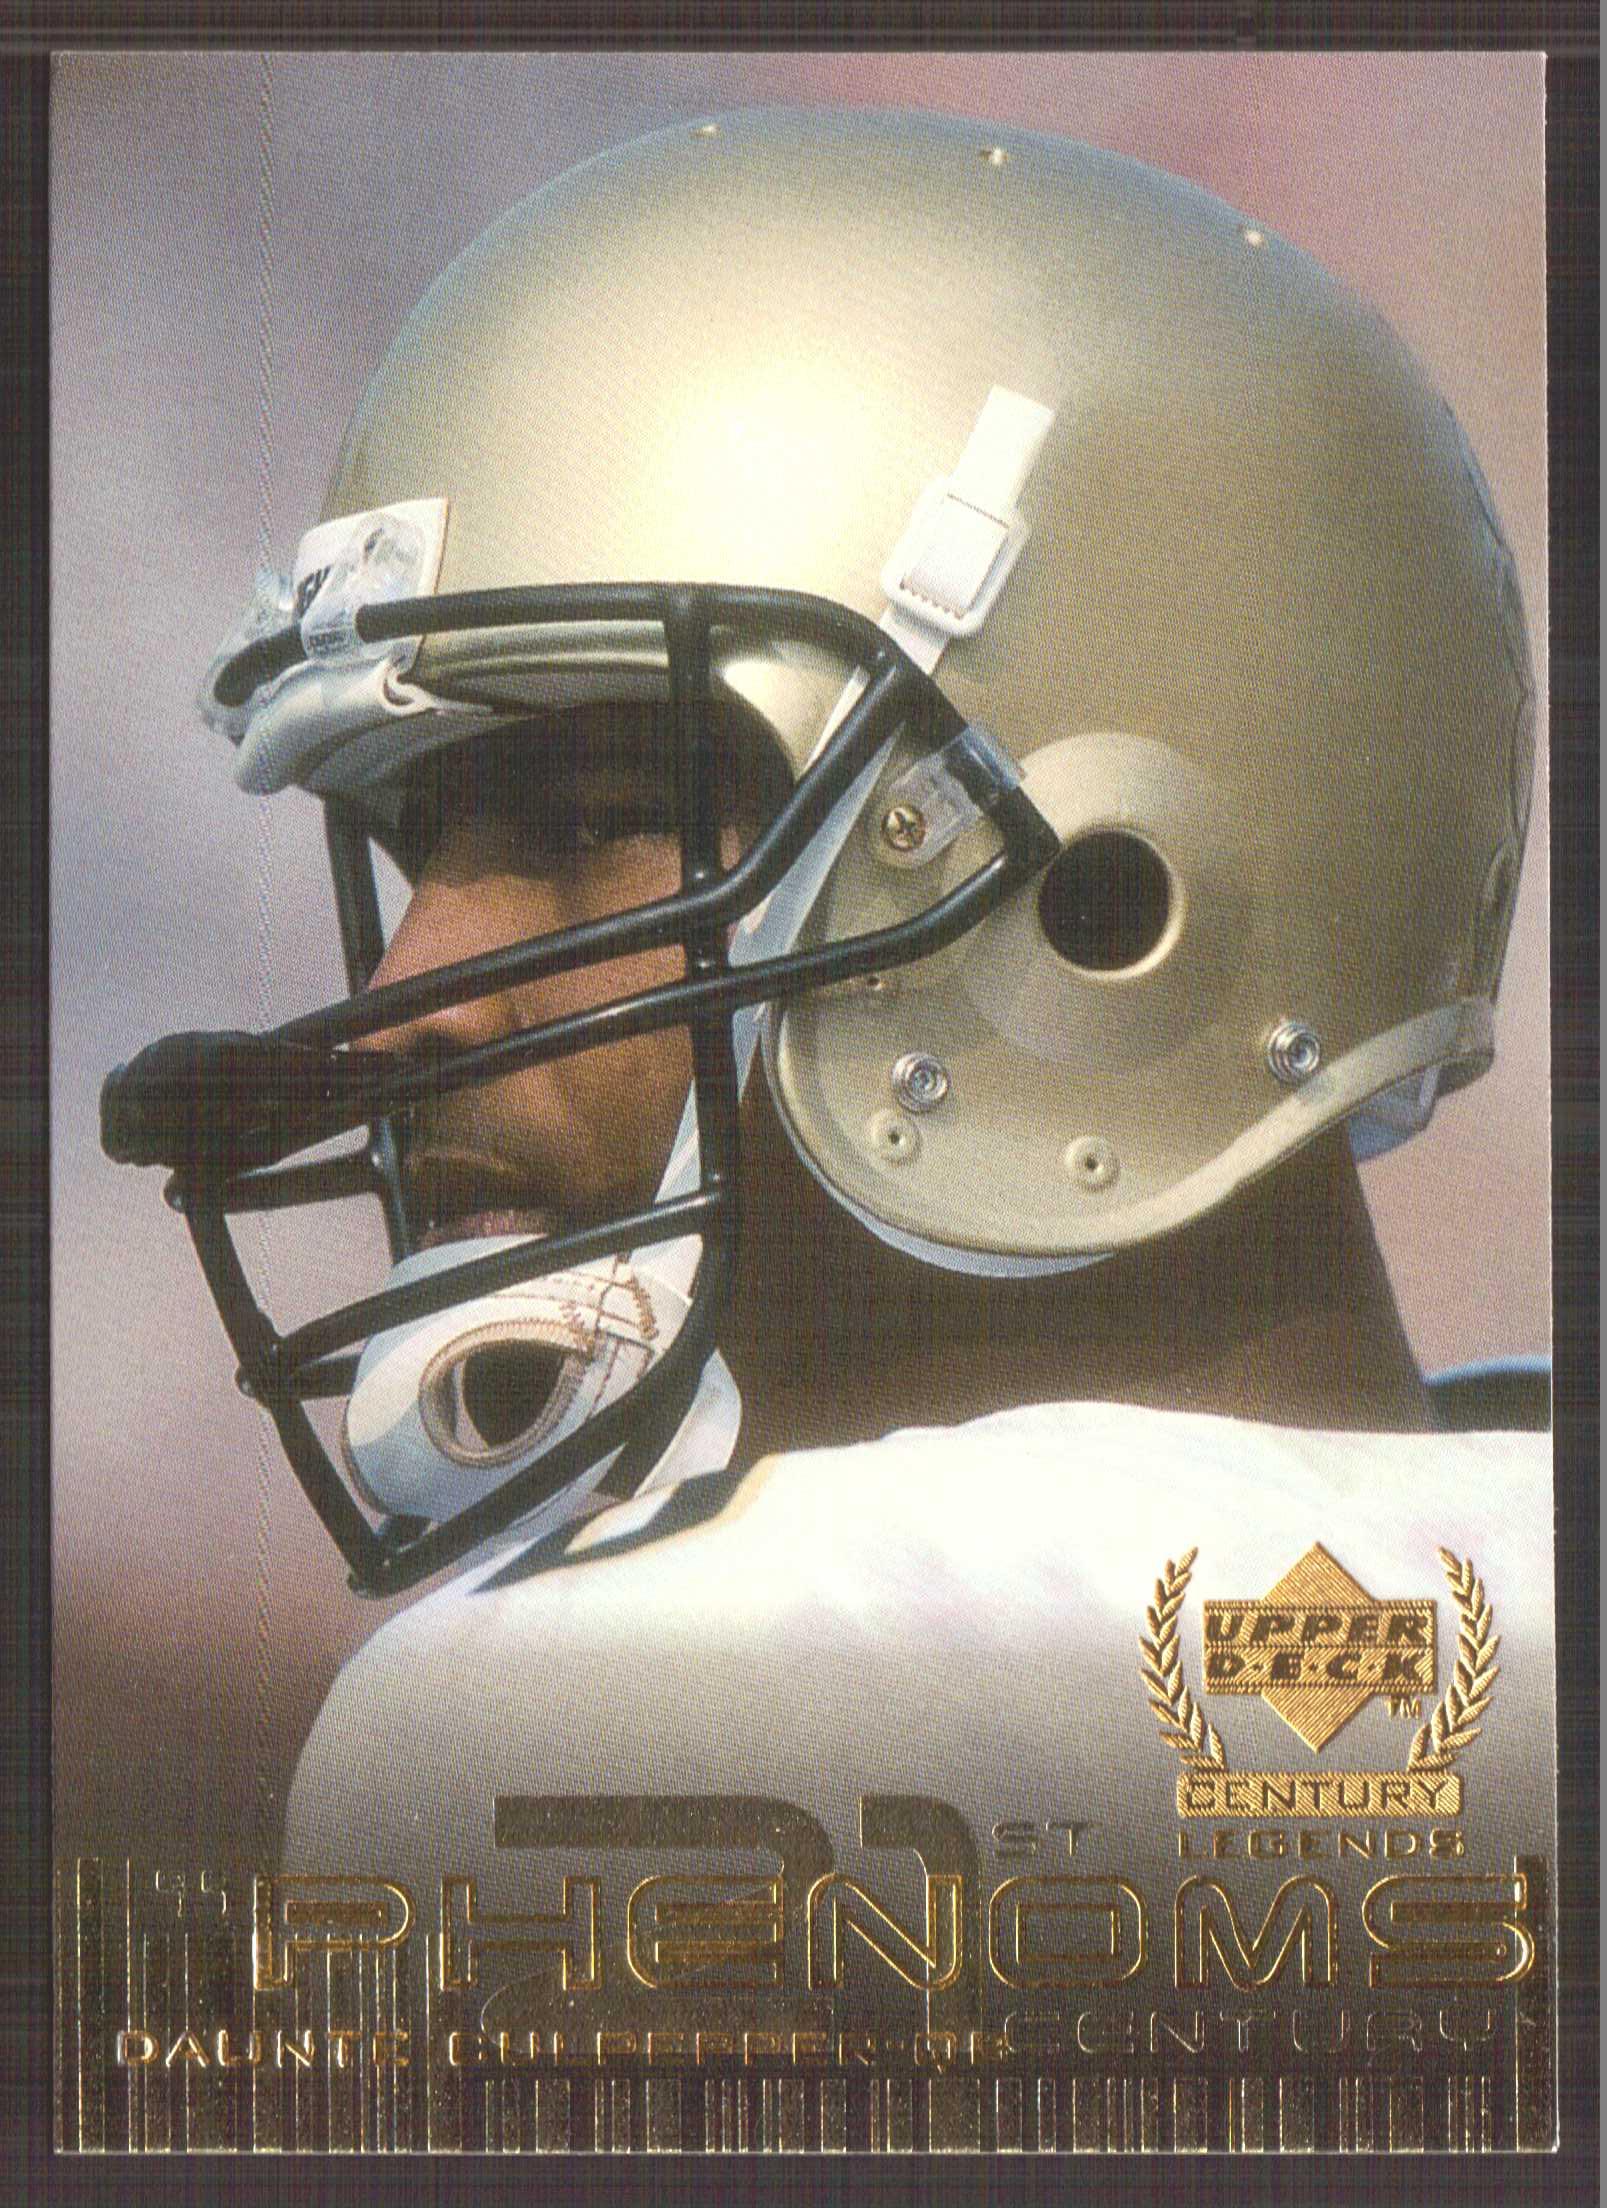 1999 Upper Deck Century Legends #134 Daunte Culpepper RC